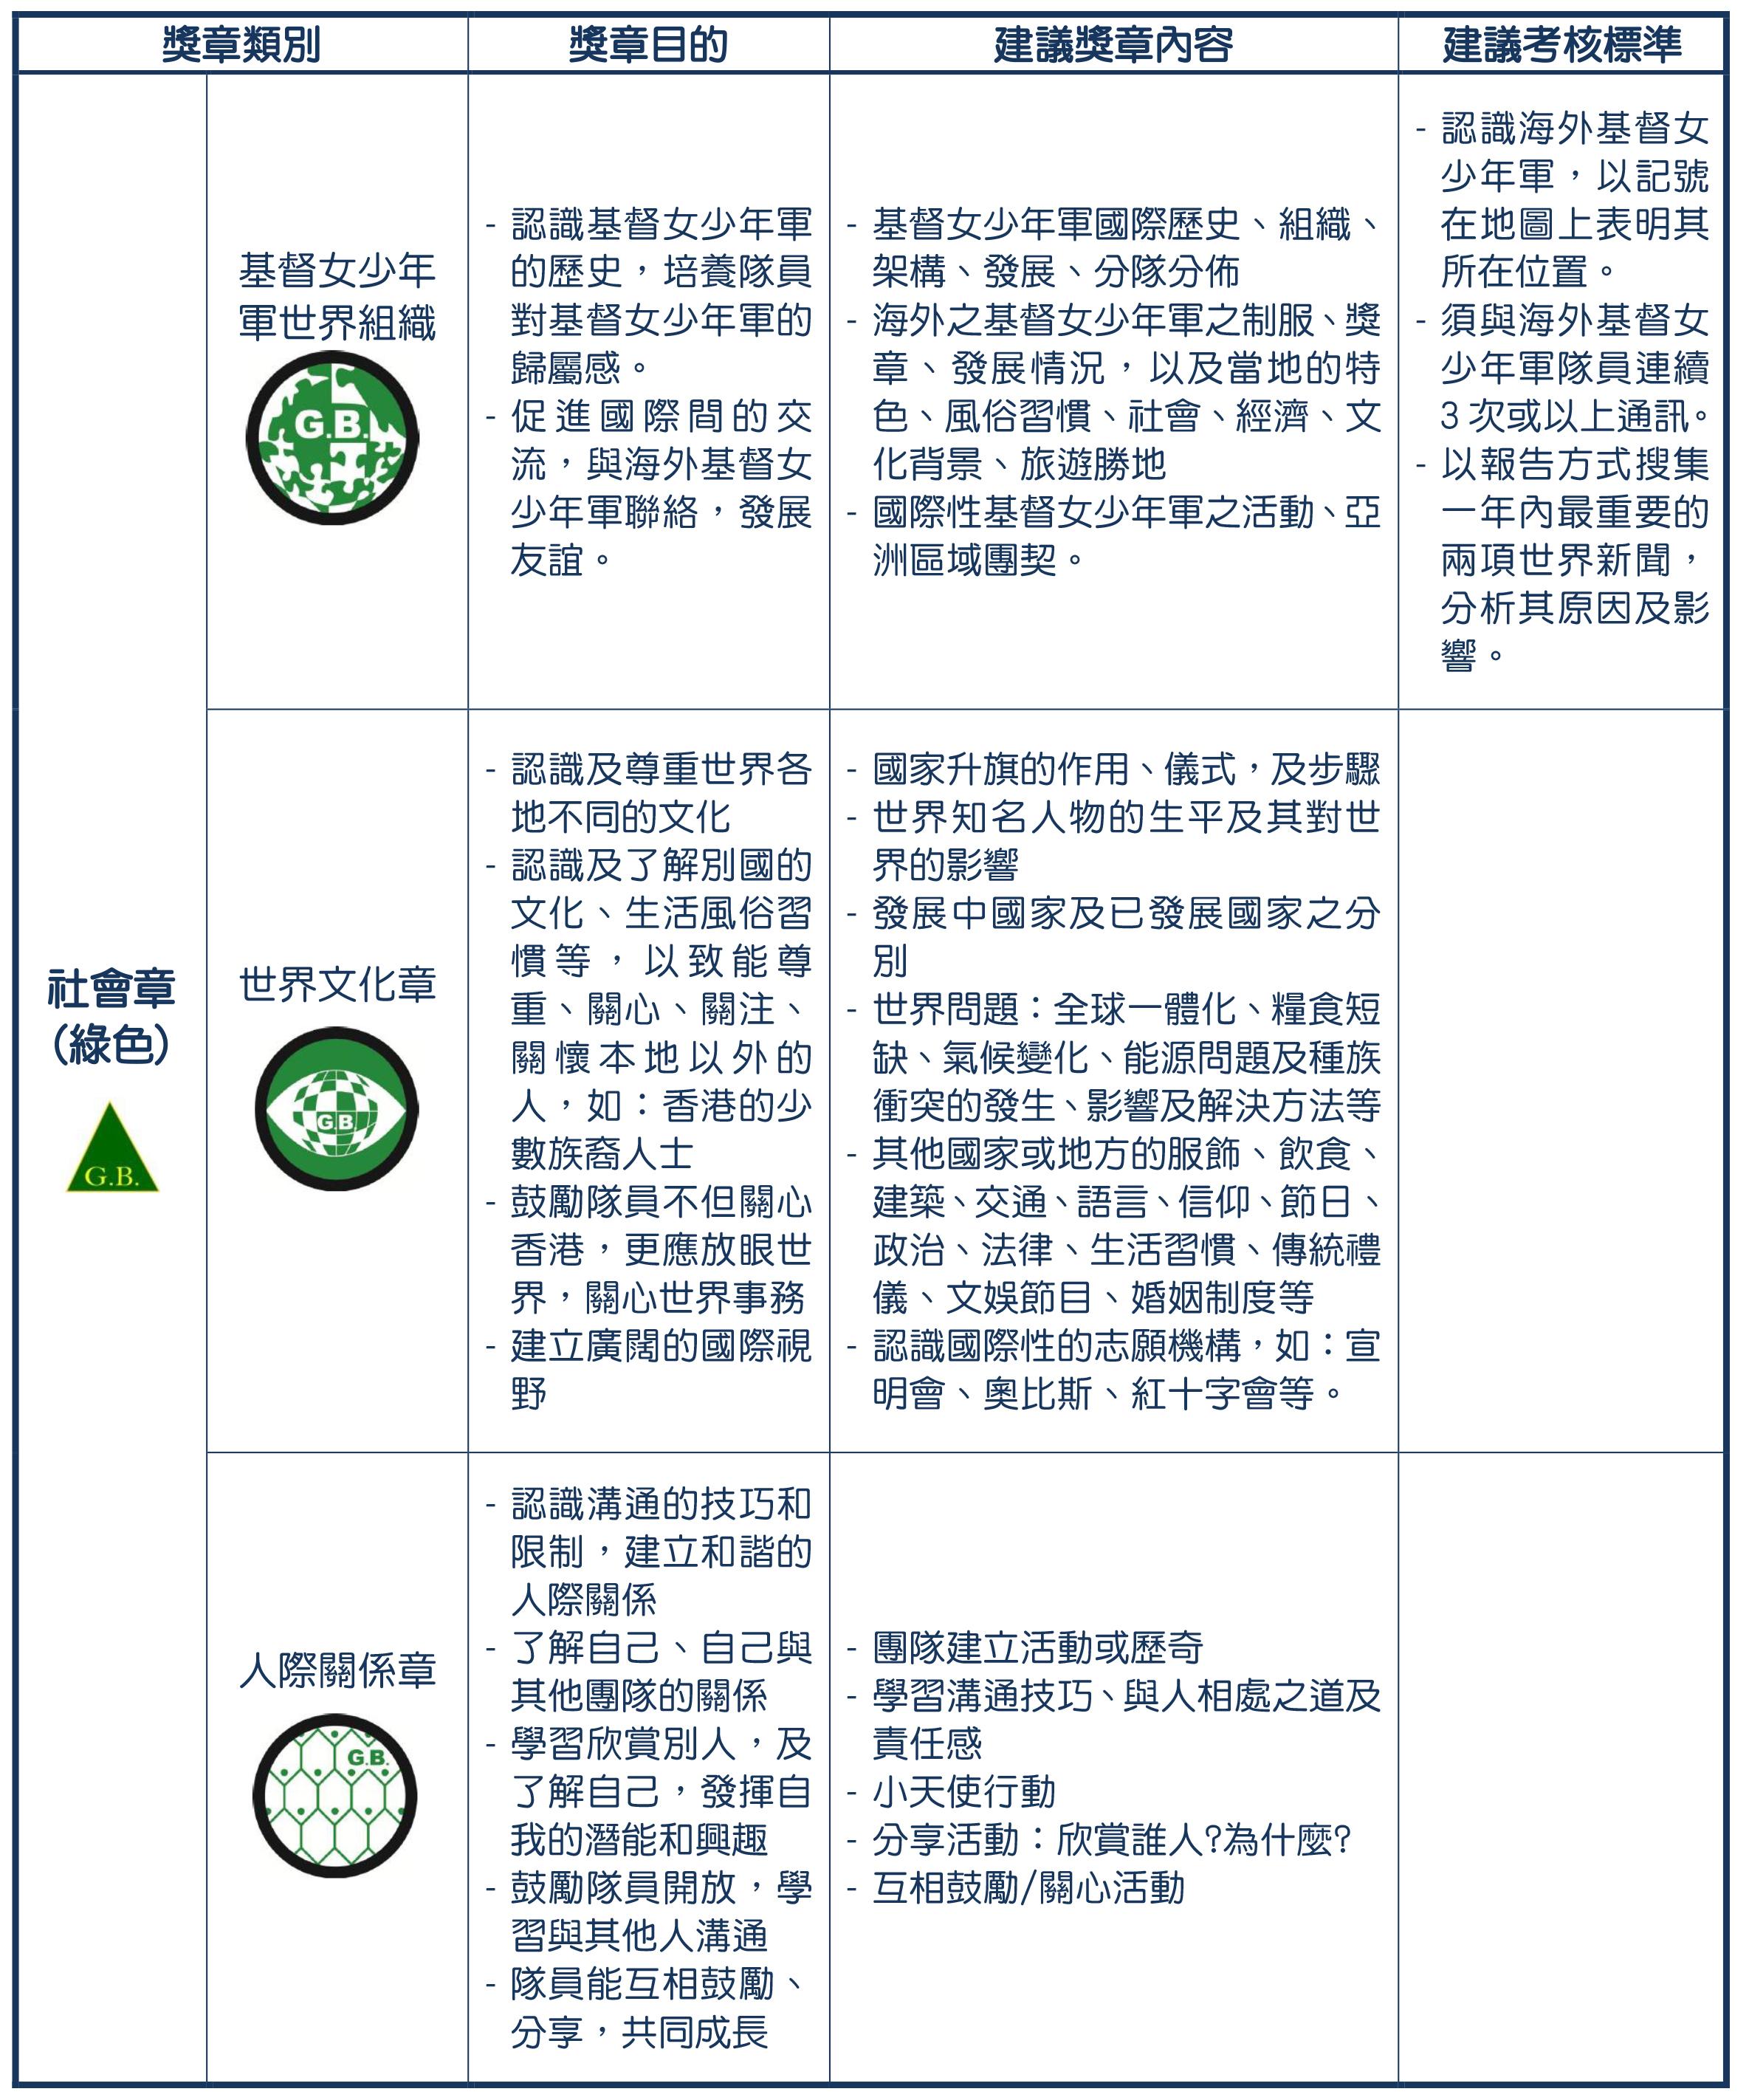 6- 獎章制度-深資組綠1(revised 2020829)